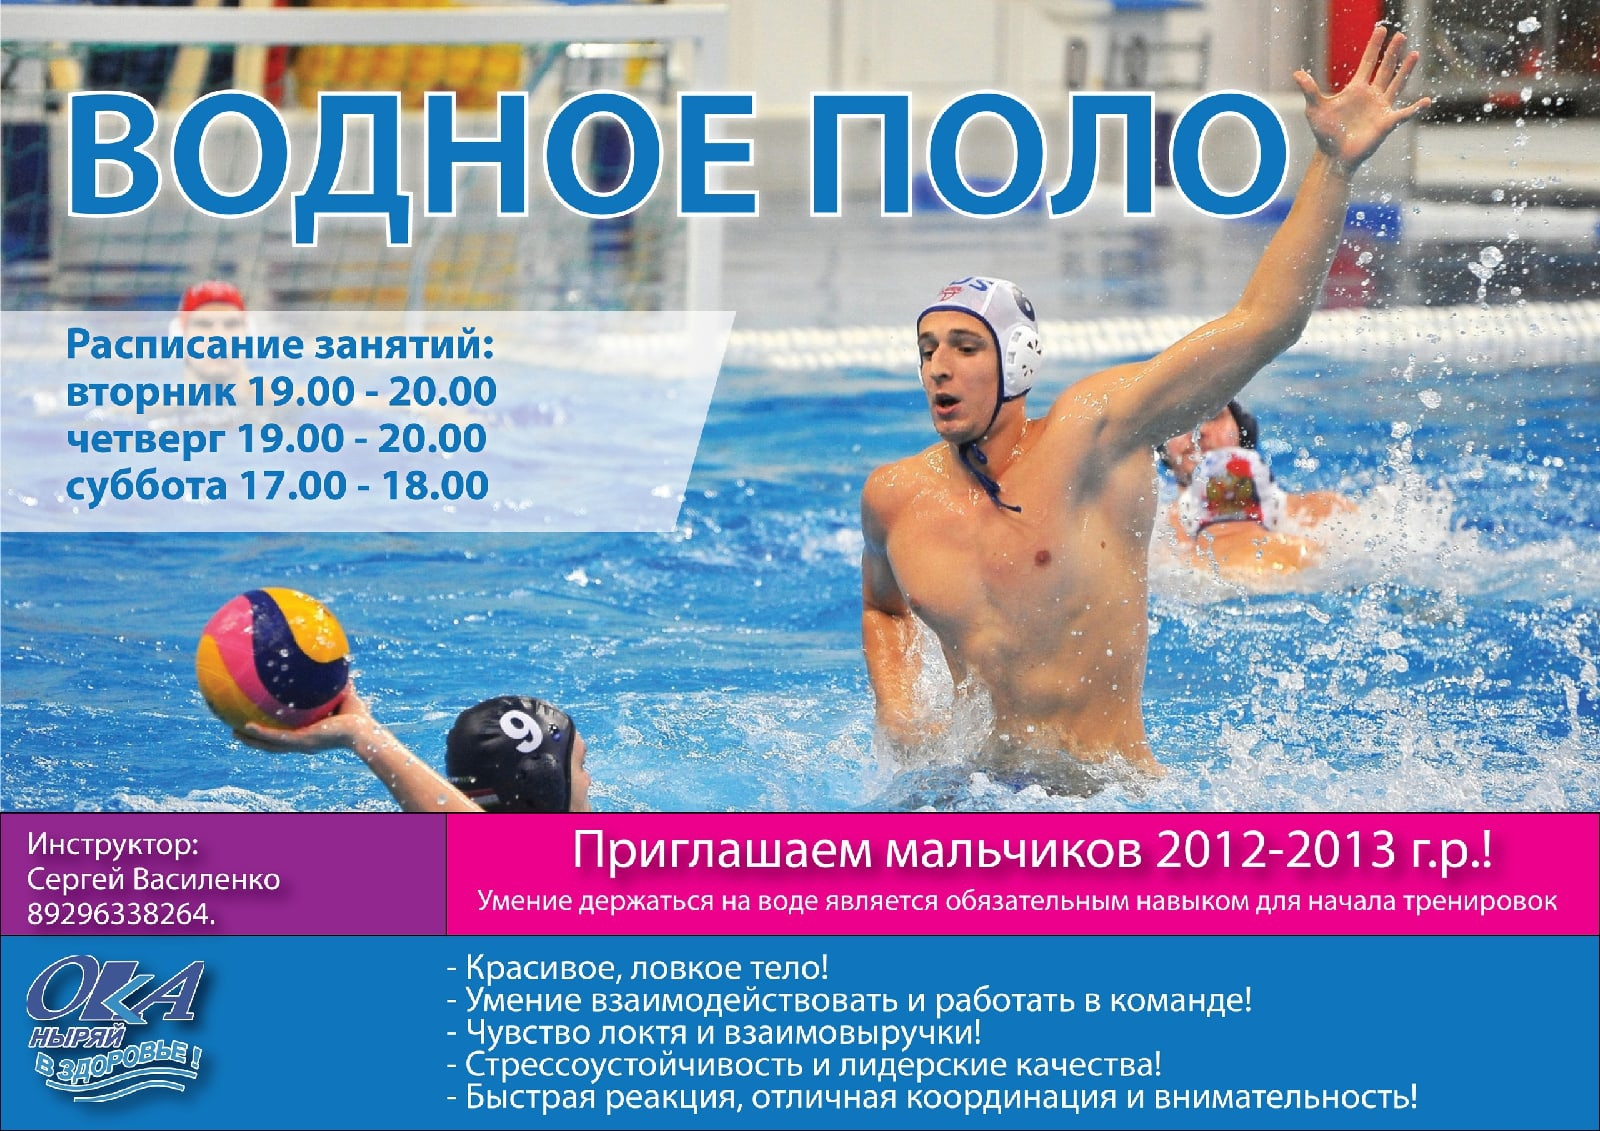 Во Дворце спорта «Ока» открыт набор мальчиков 2012-2013 года рождения в детскую секцию «Водное поло».